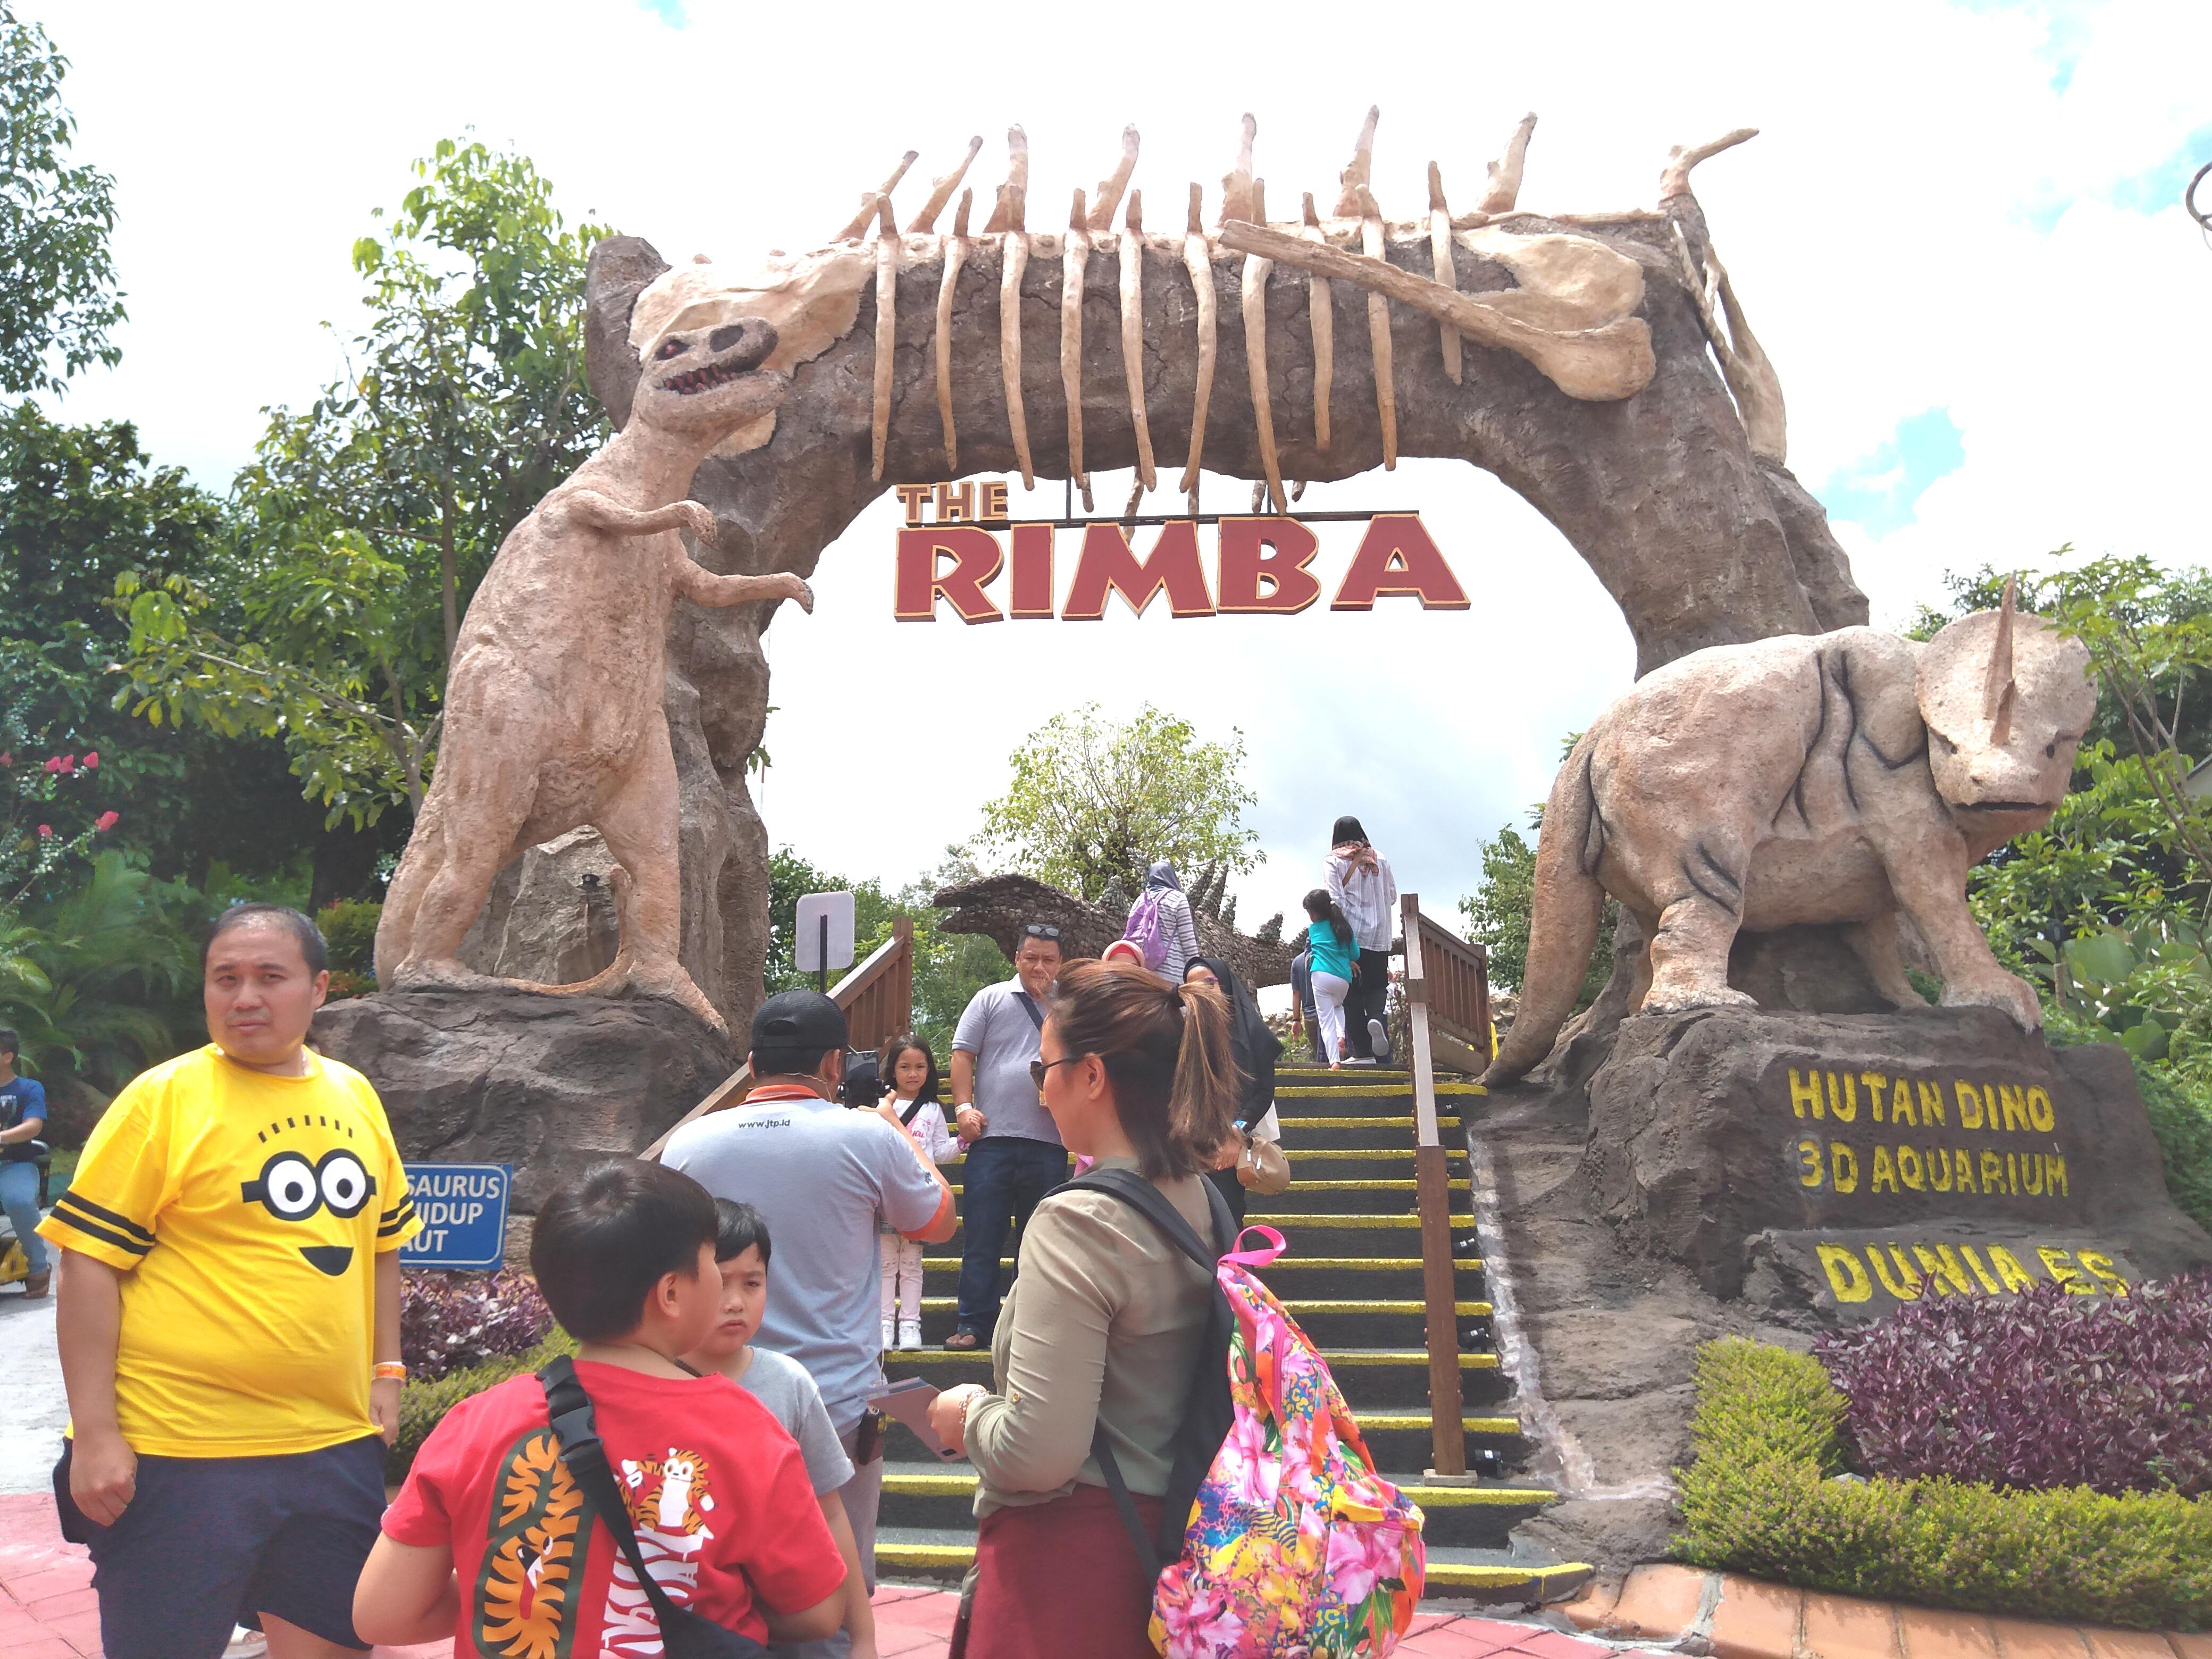 the rimba dino park